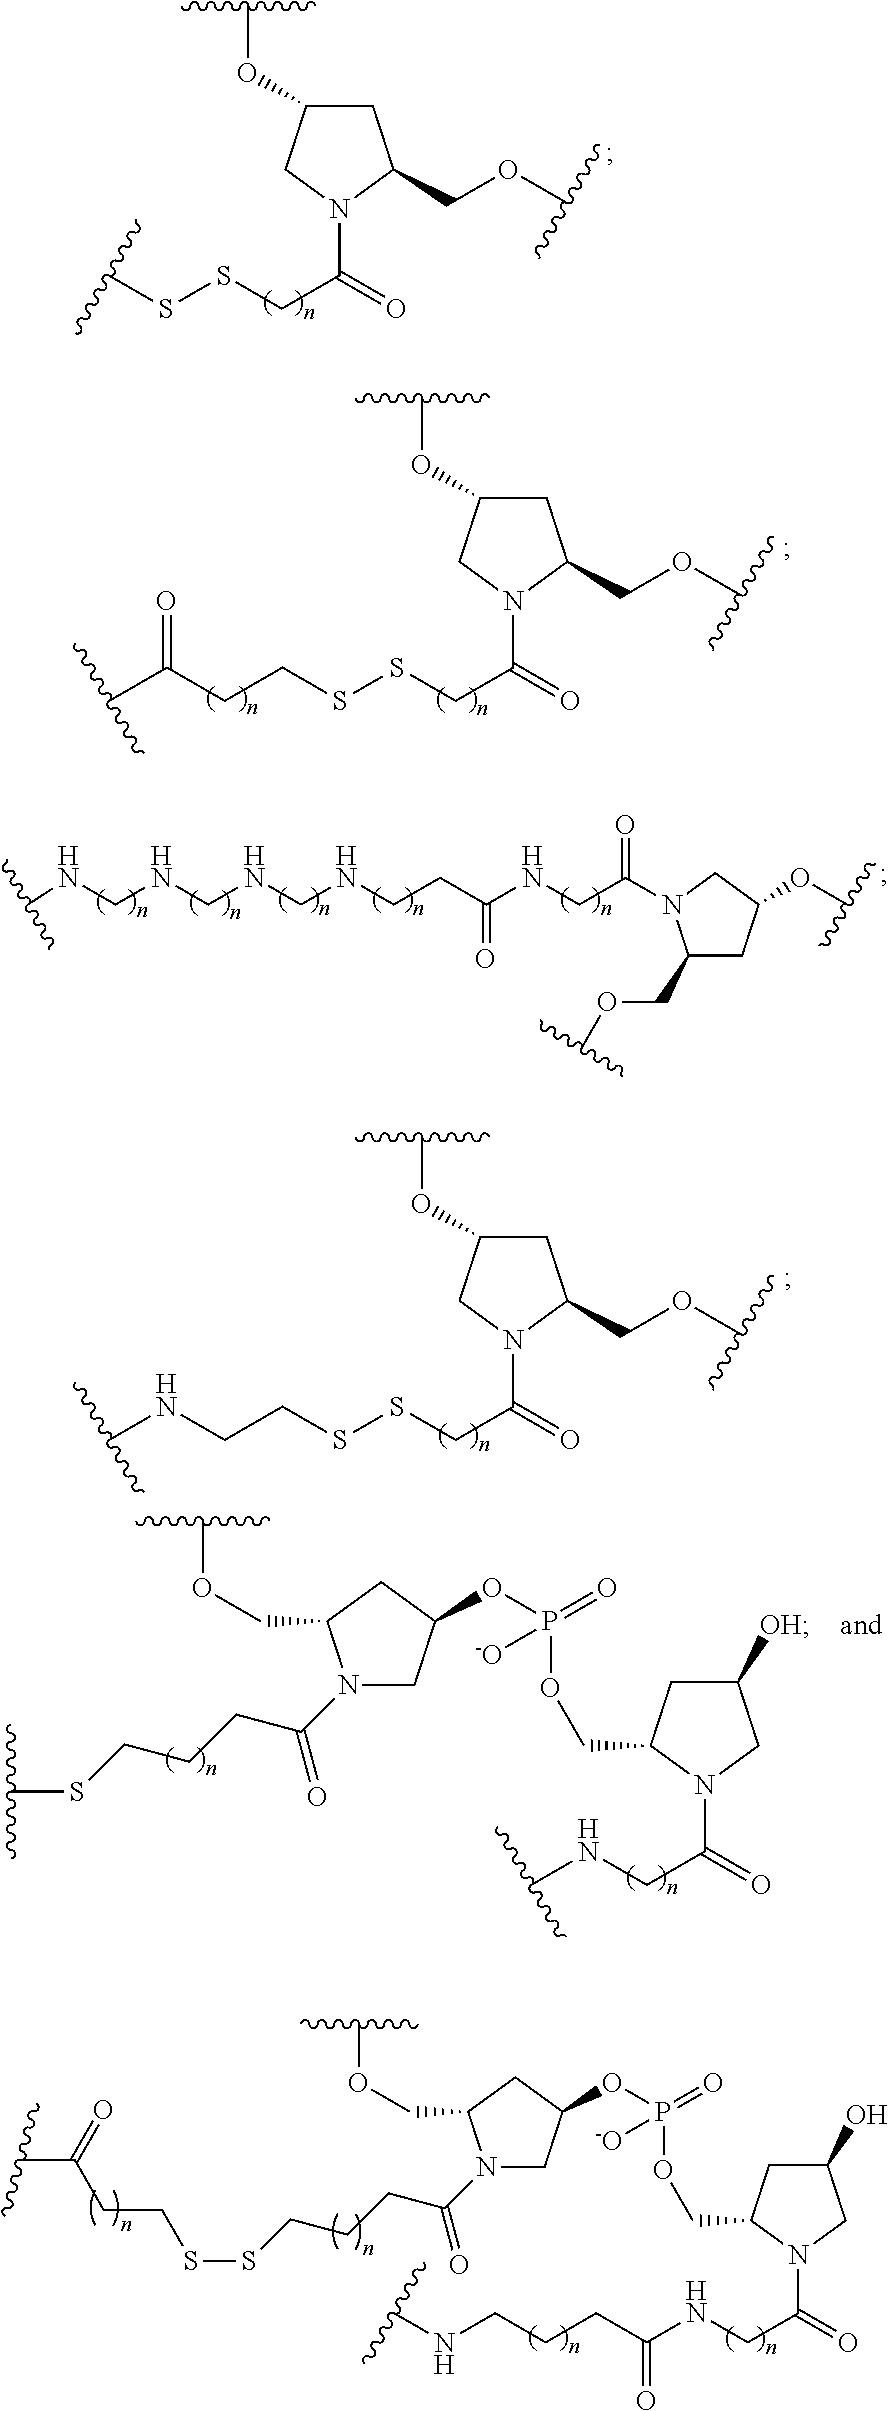 Figure US09932581-20180403-C00045